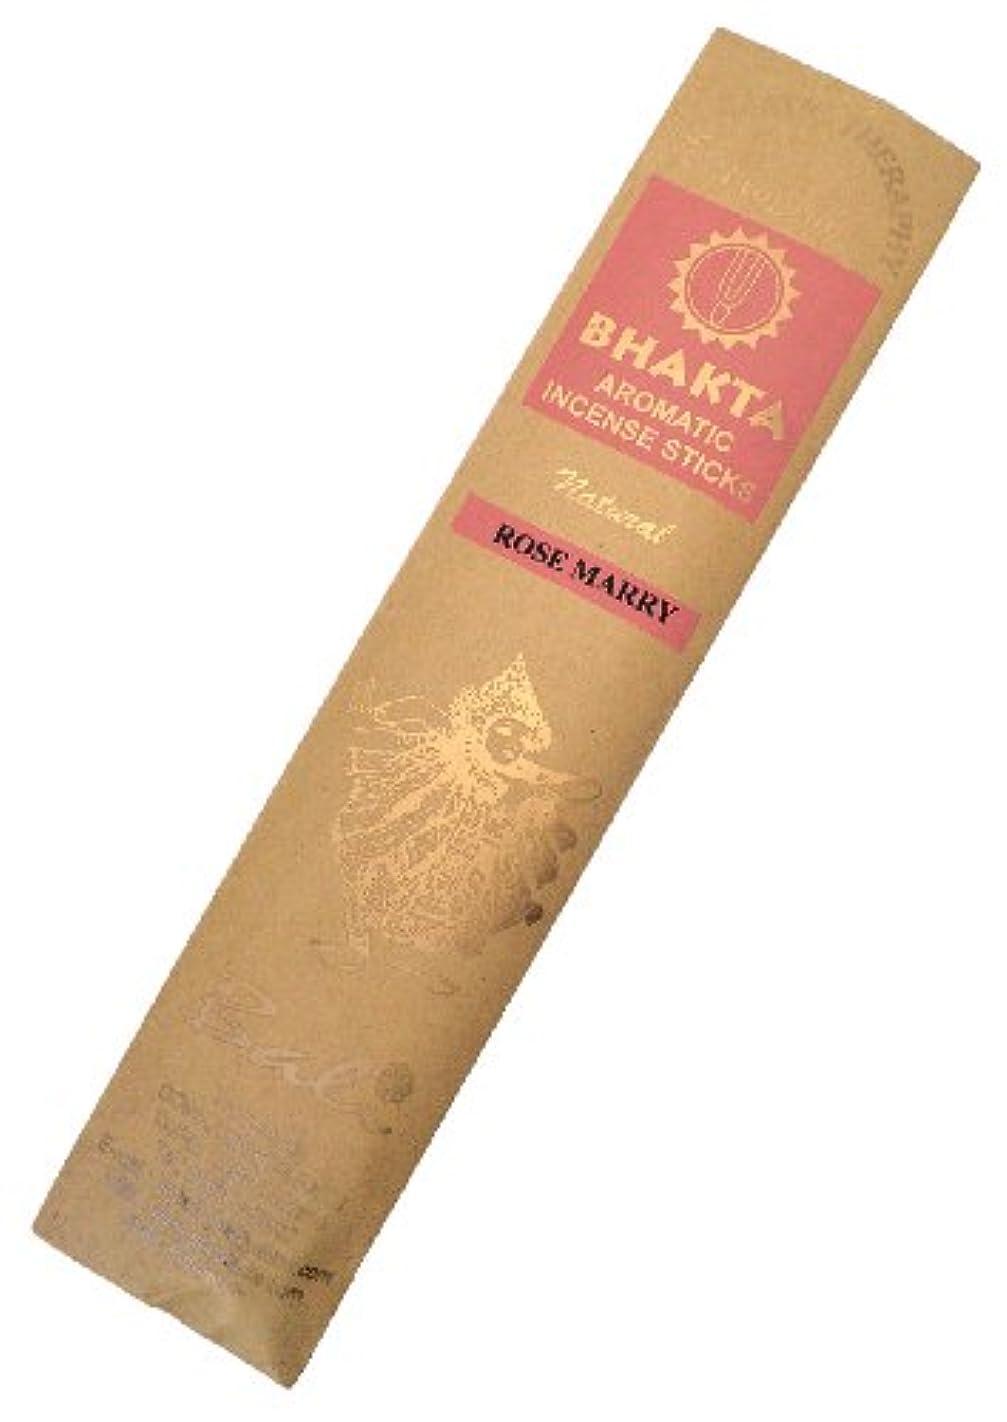 類人猿案件恐れお香 BHAKTA ナチュラル スティック 香(ローズマリー)ロングタイプ インセンス[アロマセラピー 癒し リラックス 雰囲気作り]インドネシア?バリ島のお香